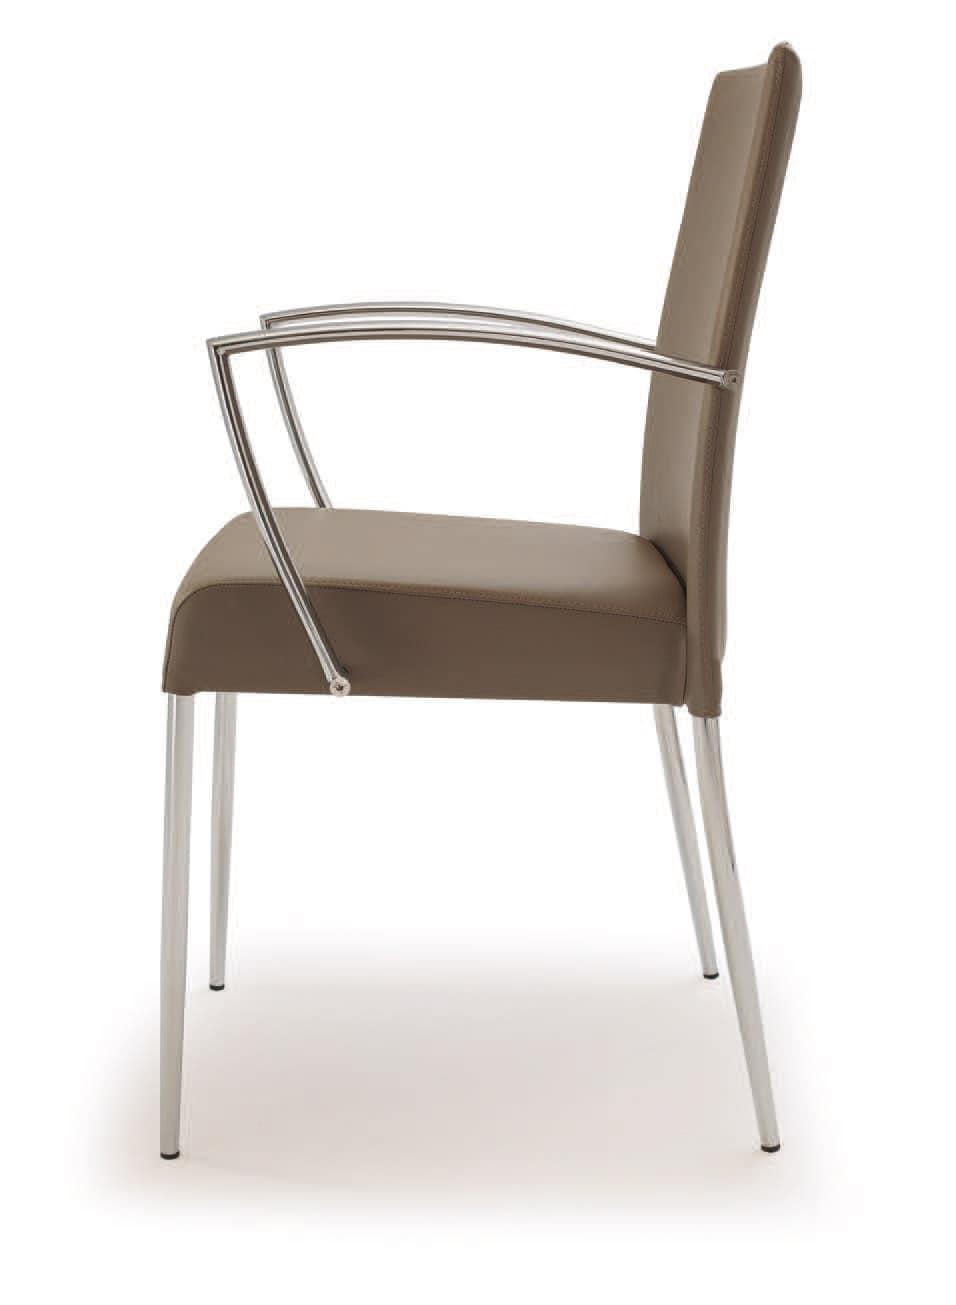 PL 621, Stahlstuhl, gepolstert in Kunstleder, für den Objektbereich